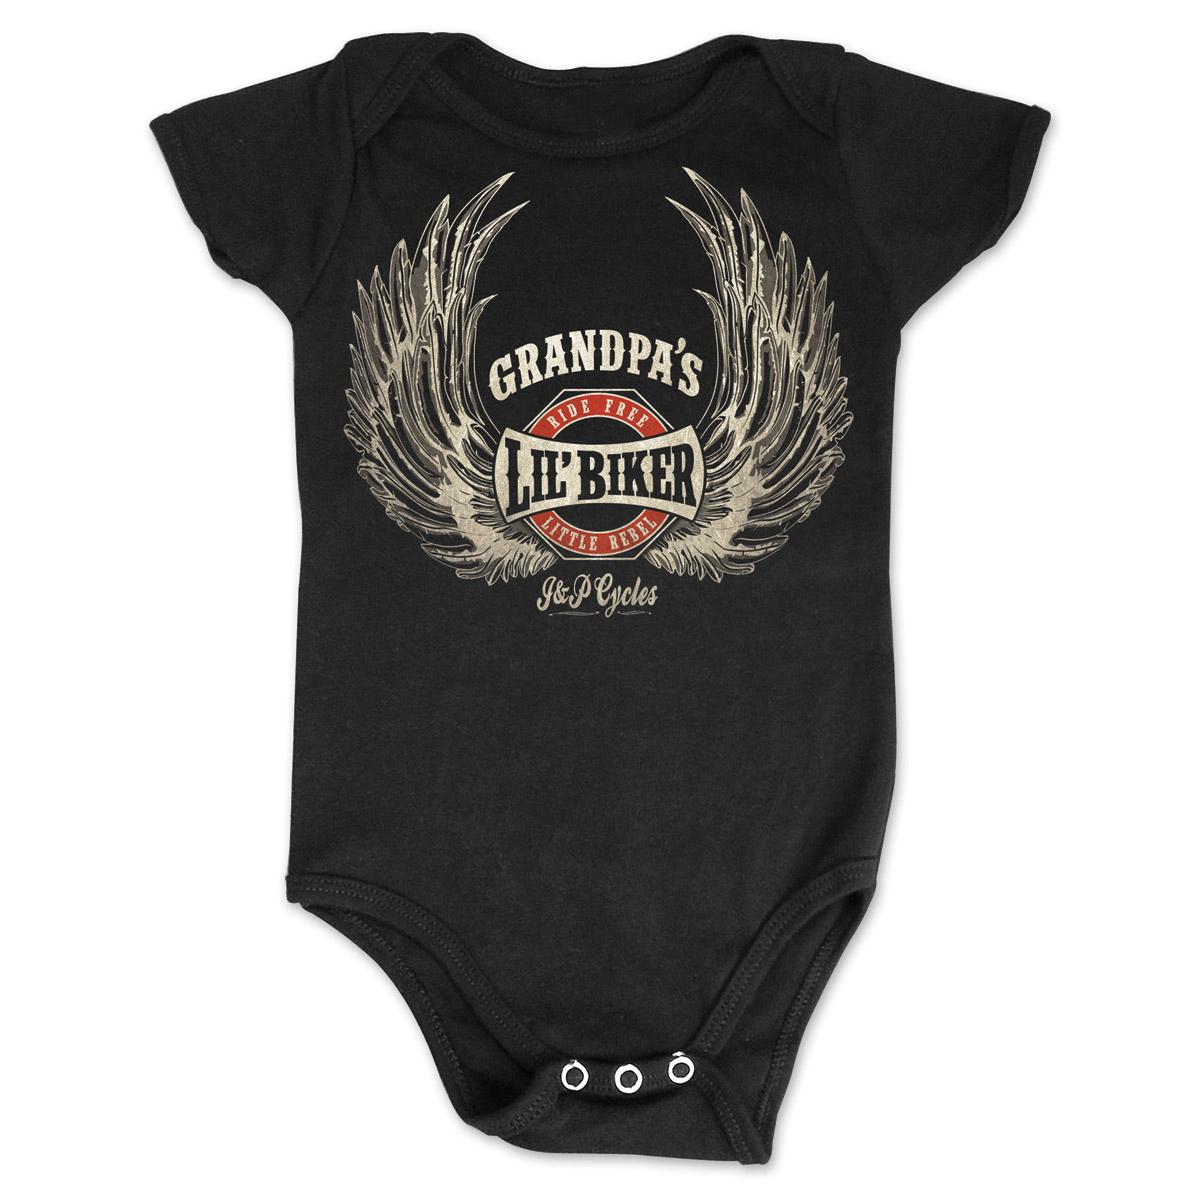 J&P Cycles Grandpa's Lil' Wings Black Onesie